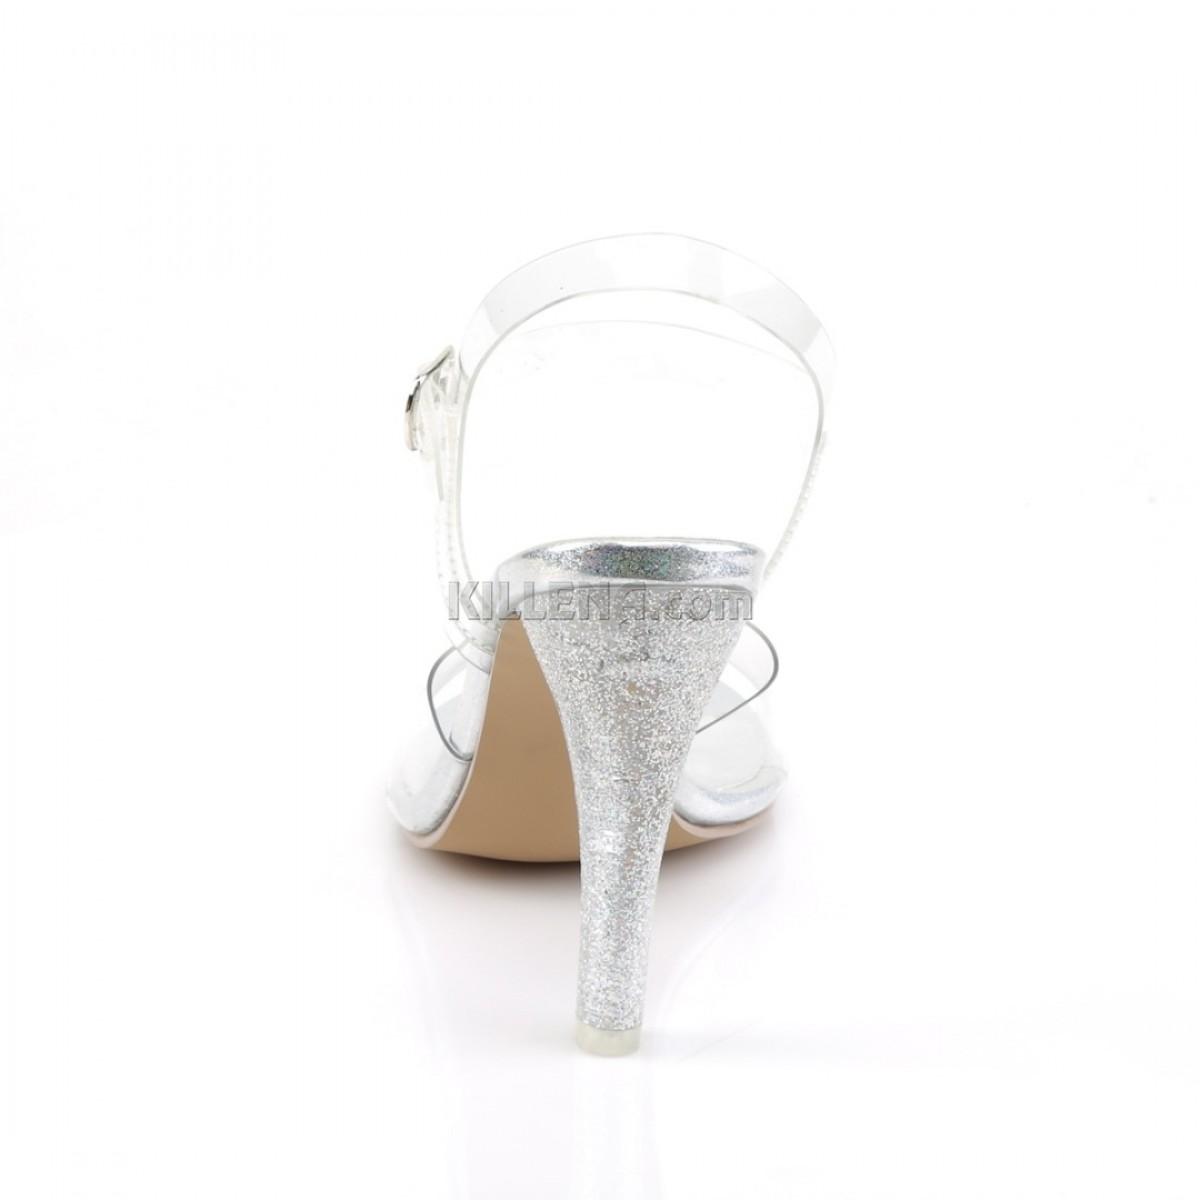 Босоножки для бодифитнес с широким каблуком покрыты блестками